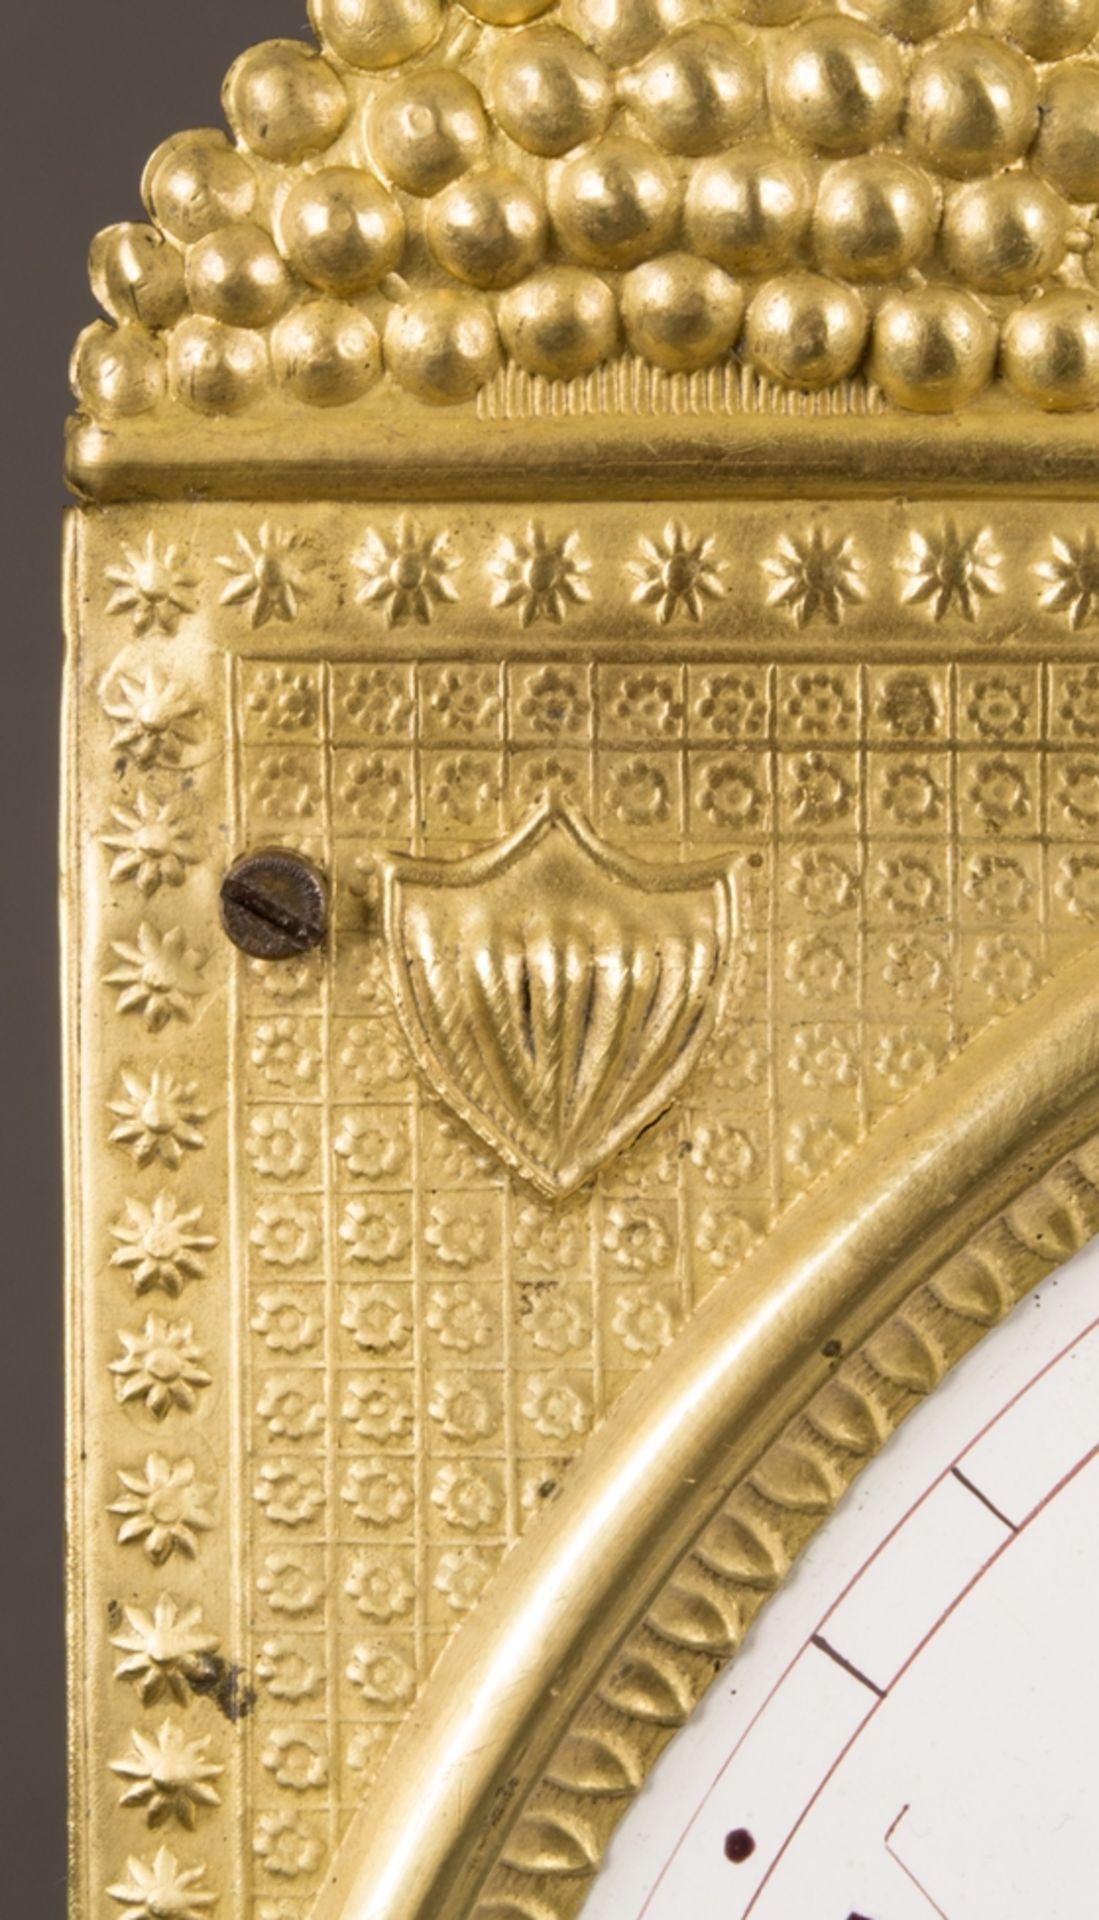 """COMTOISE, Frankreich 19. Jhd, Ziffernblatt bez.: """"SEBILLAT hger á Chateau Chinon (Borgegue)"""" mit - Bild 11 aus 12"""